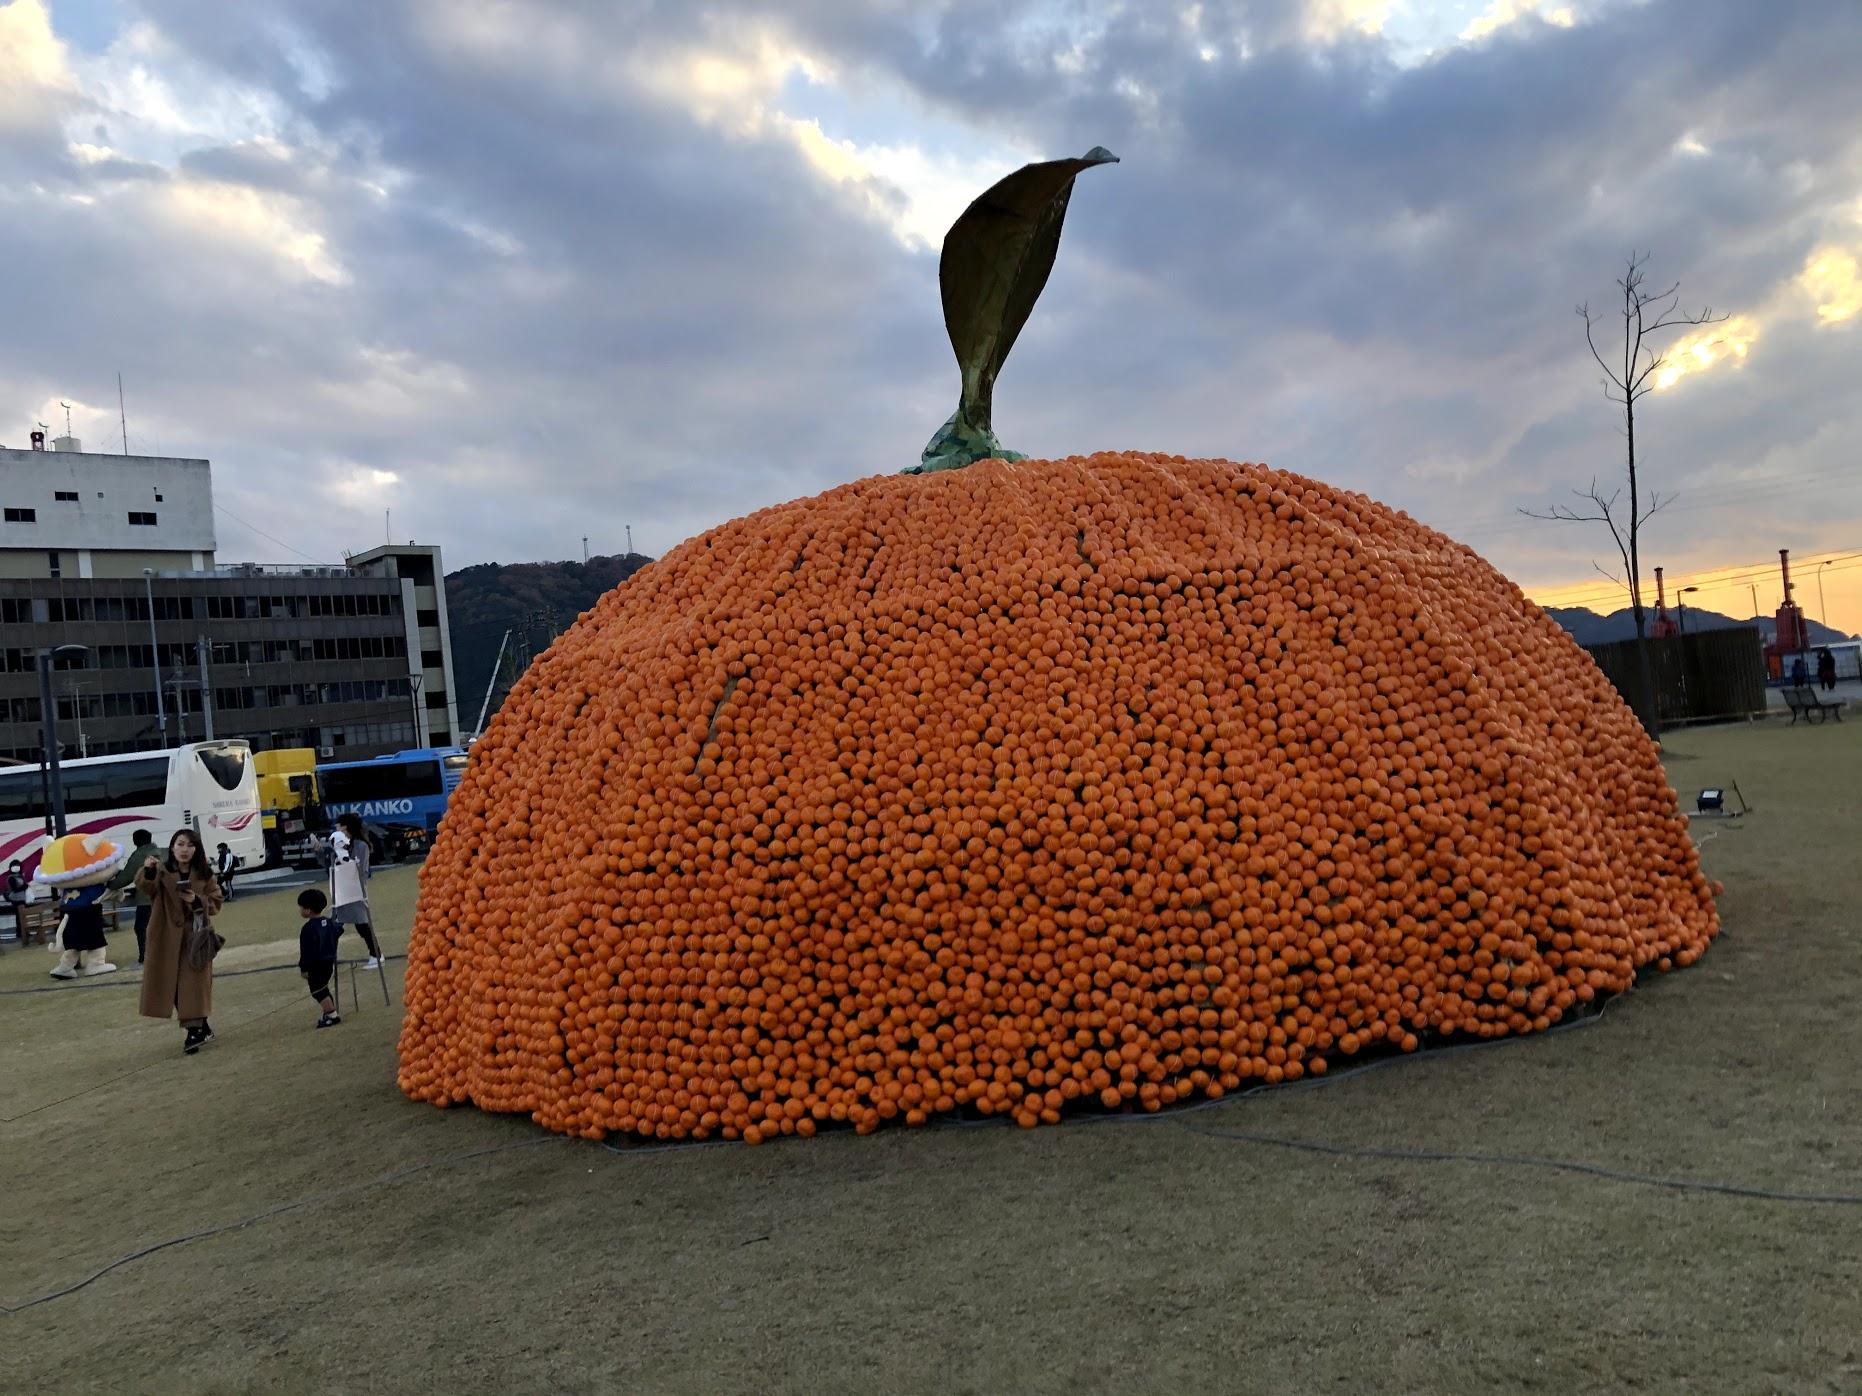 【フランス 「農業部隊」】求人に20万人もの応募。新型コロナウィルスでフランス農相が失業者らに呼び掛け!